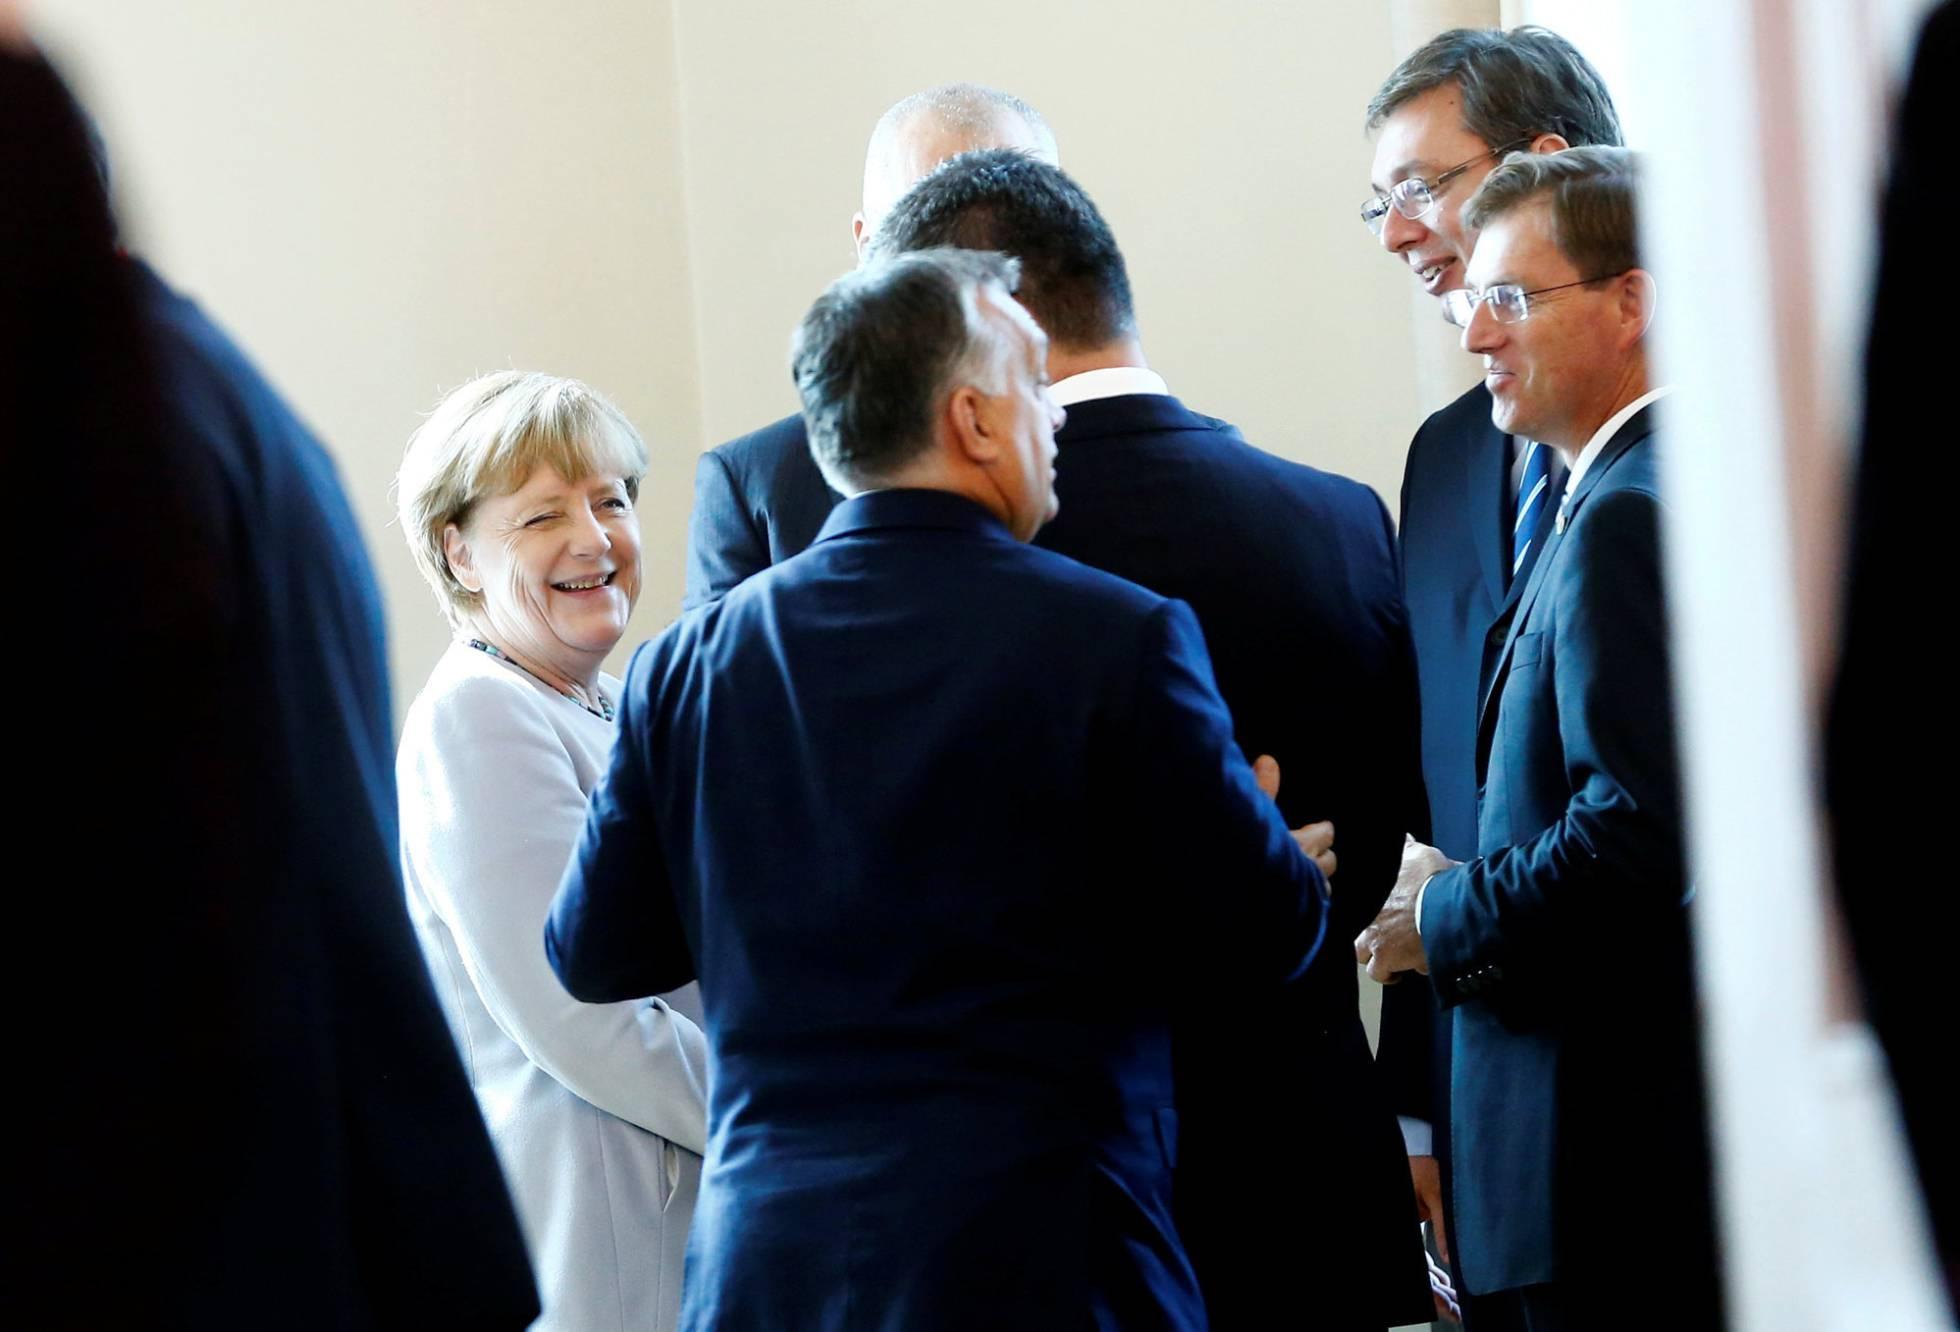 Problemas internos enfraquecem a liderança de Merkel na Europa